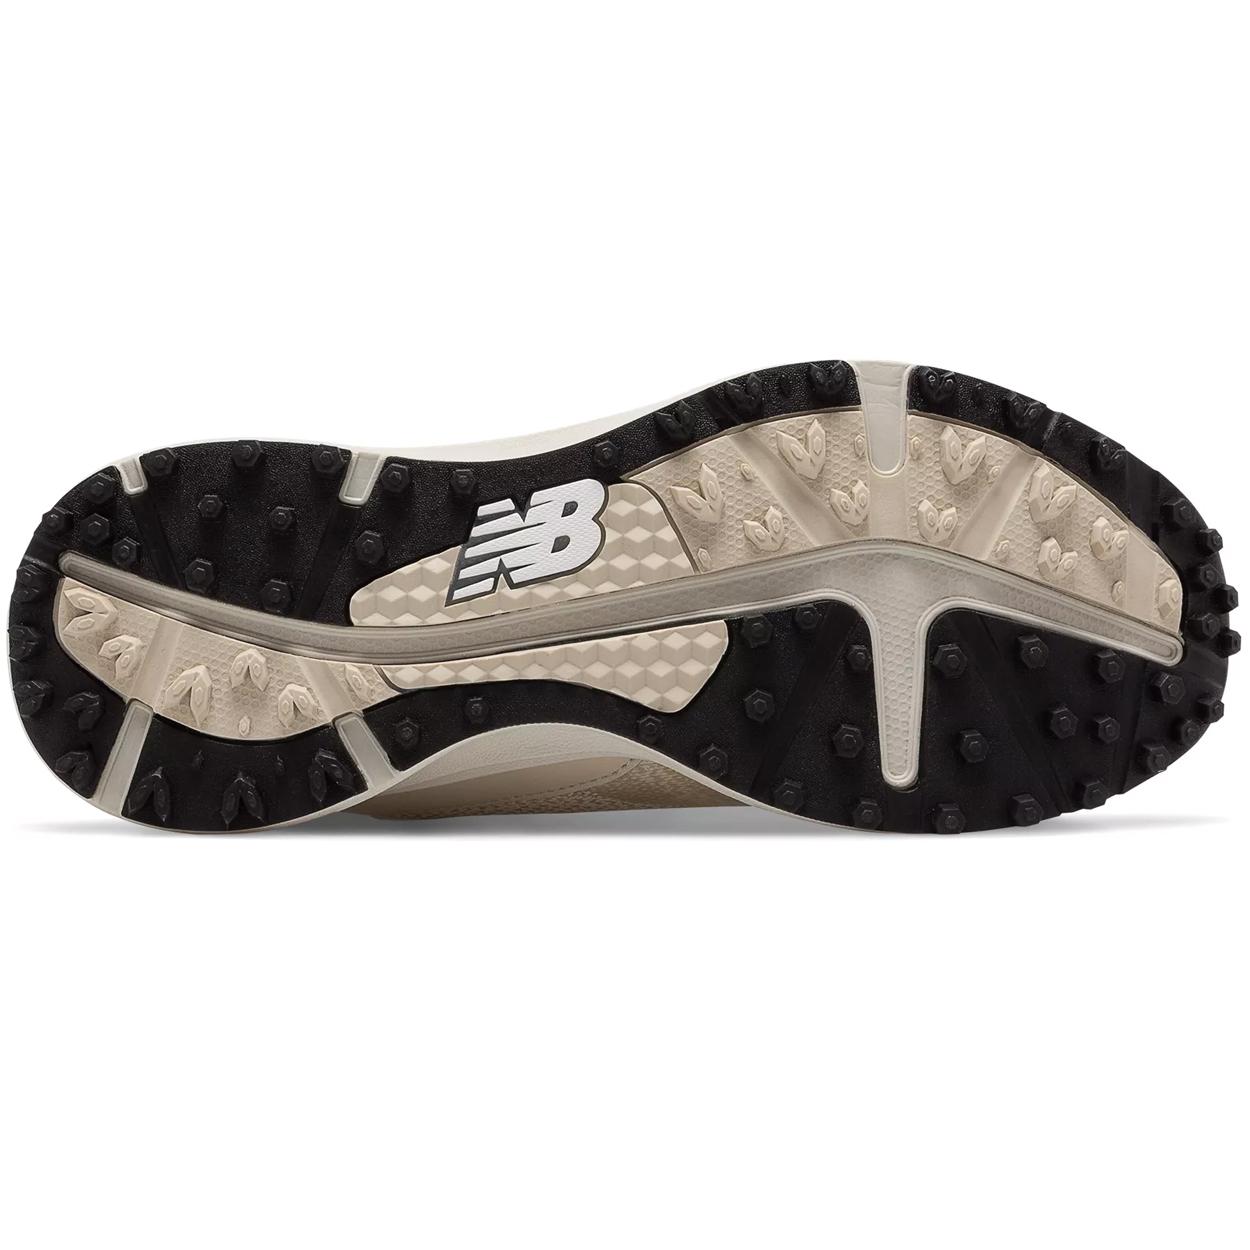 New-Balance-Breeze-NBG1801SL-Men-039-s-Spikeless-Mesh-Golf-Shoe-New thumbnail 7